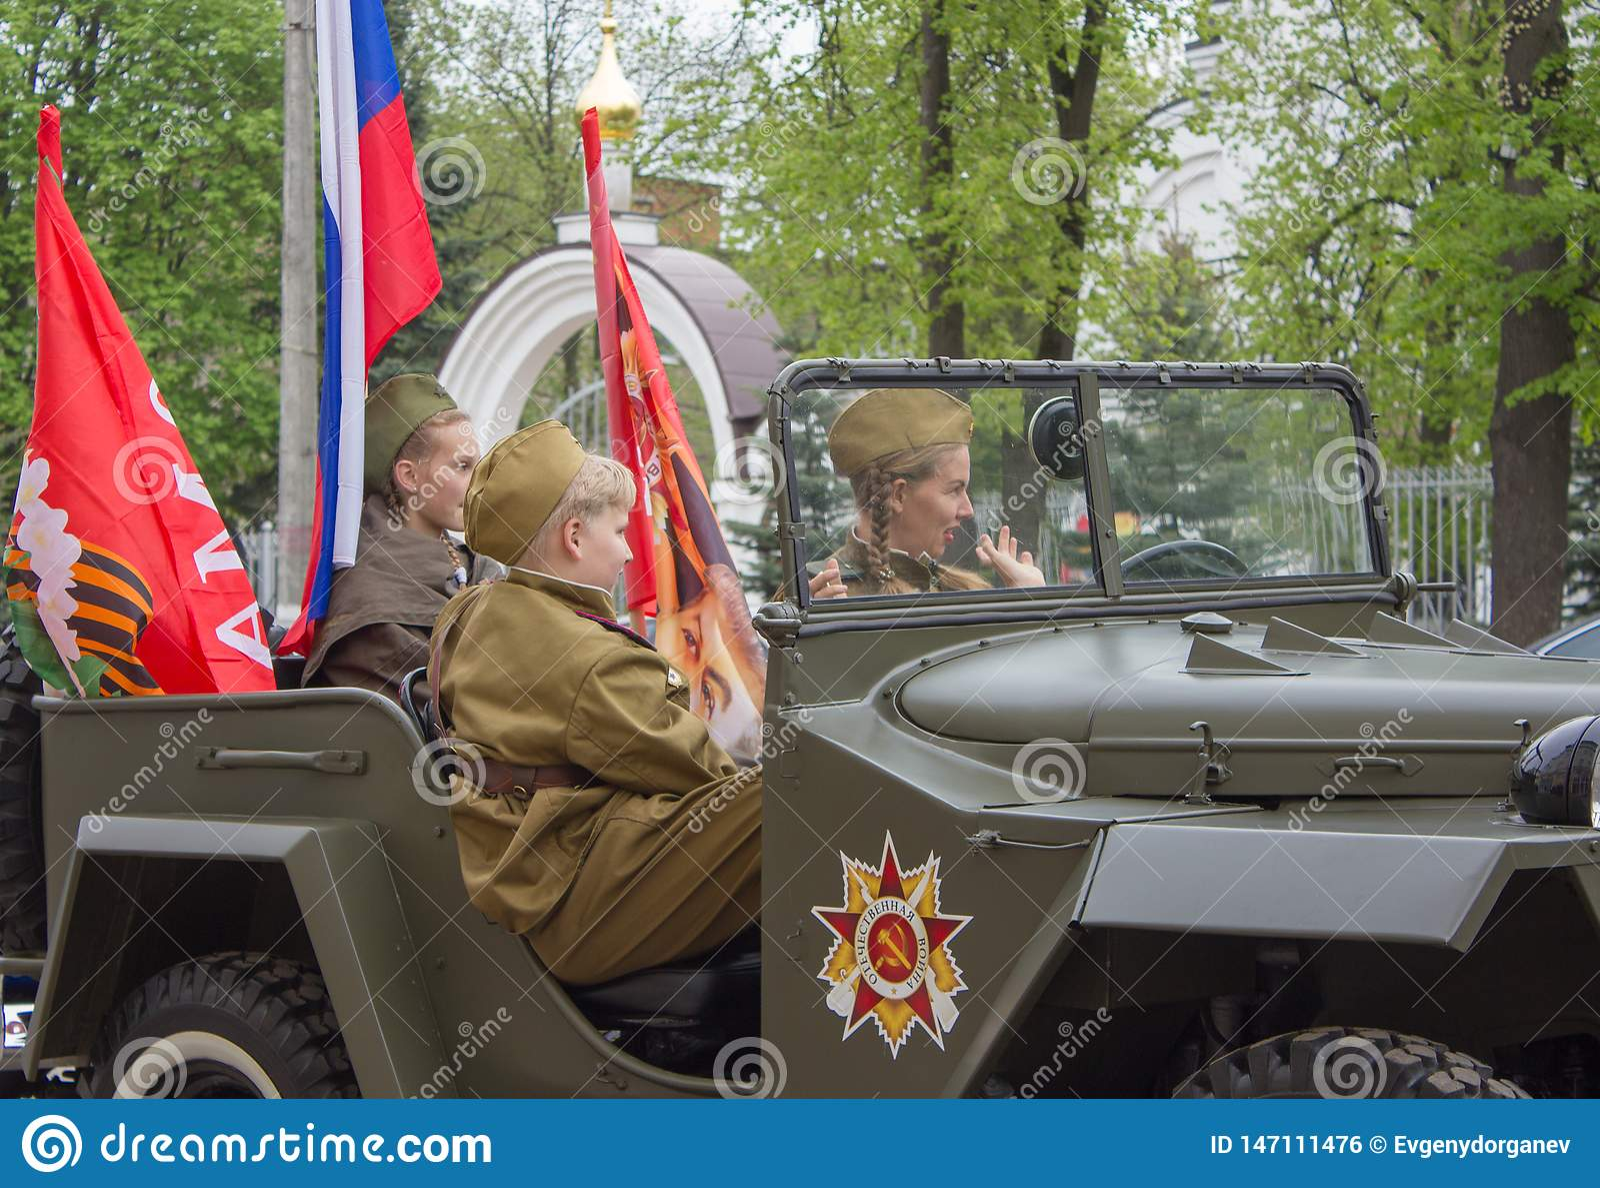 Подросток в форме русского солдата в военном автомобиле